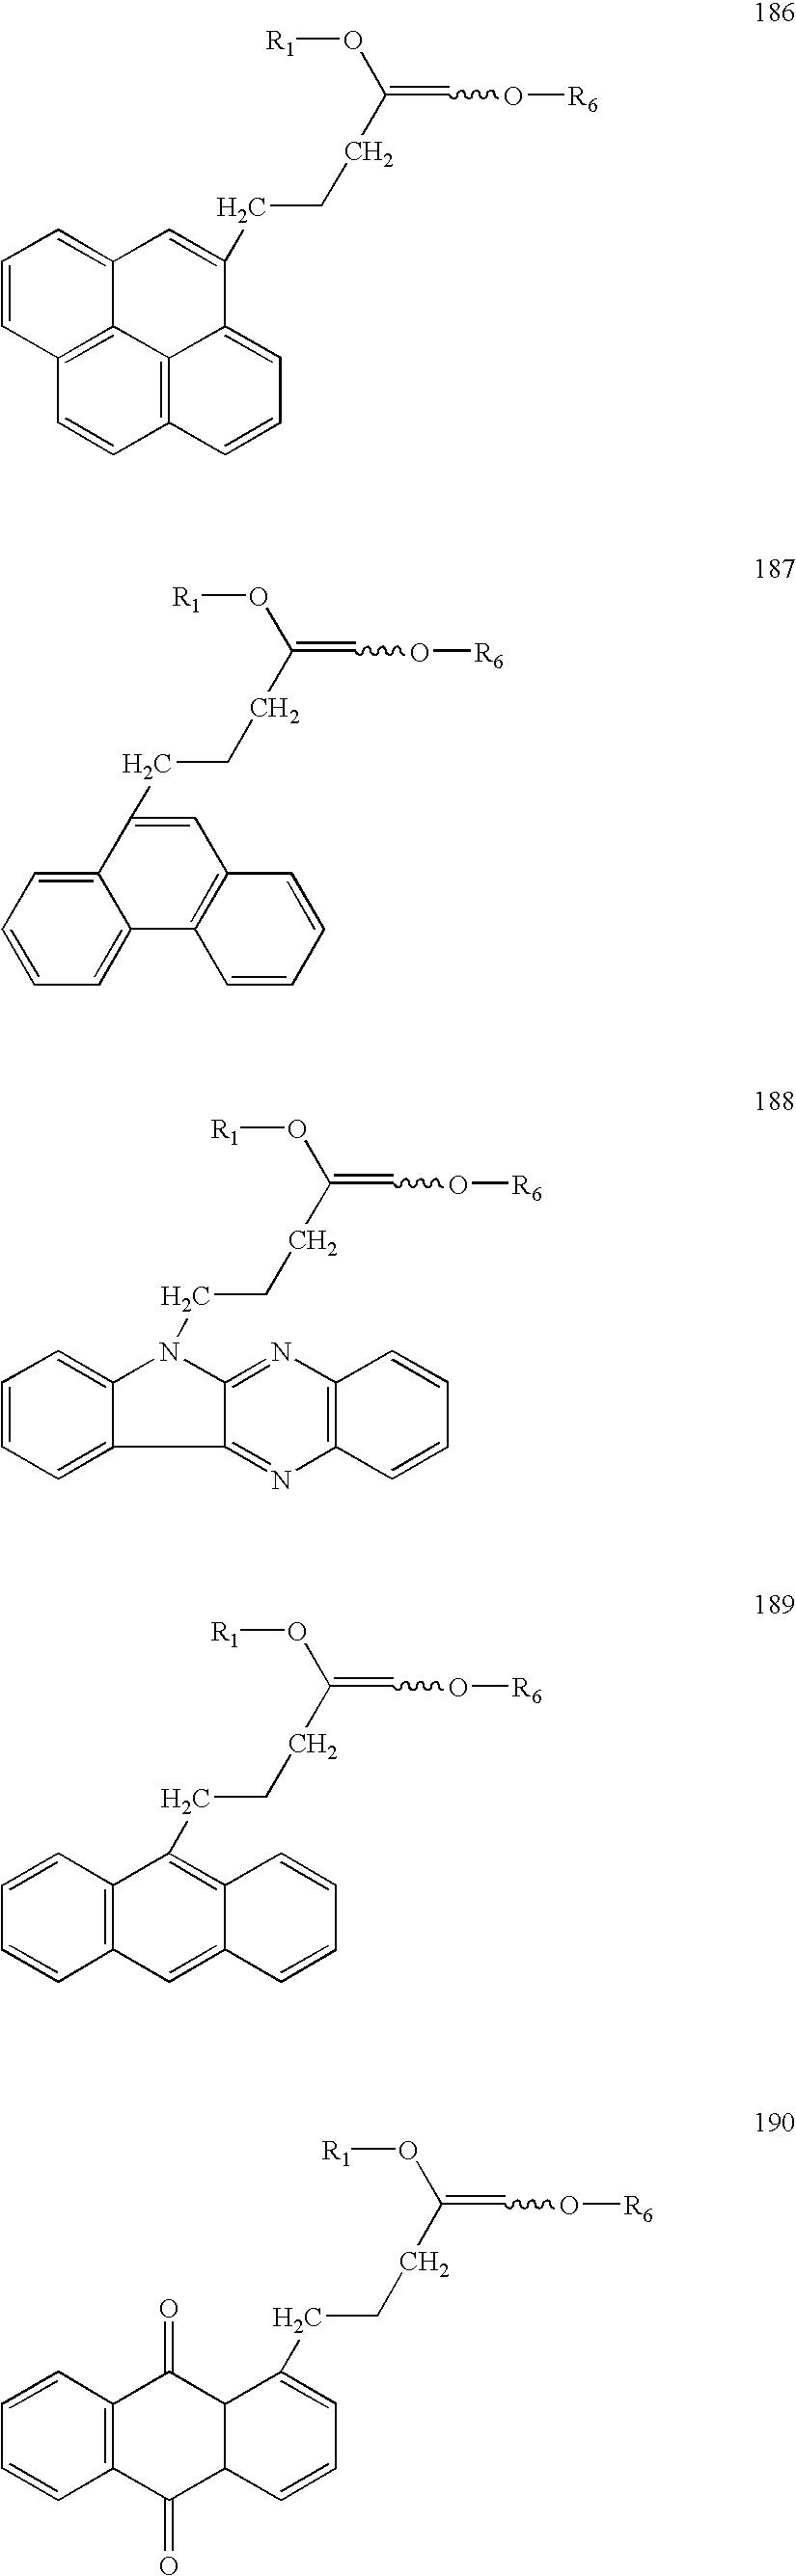 Figure US20060014144A1-20060119-C00129